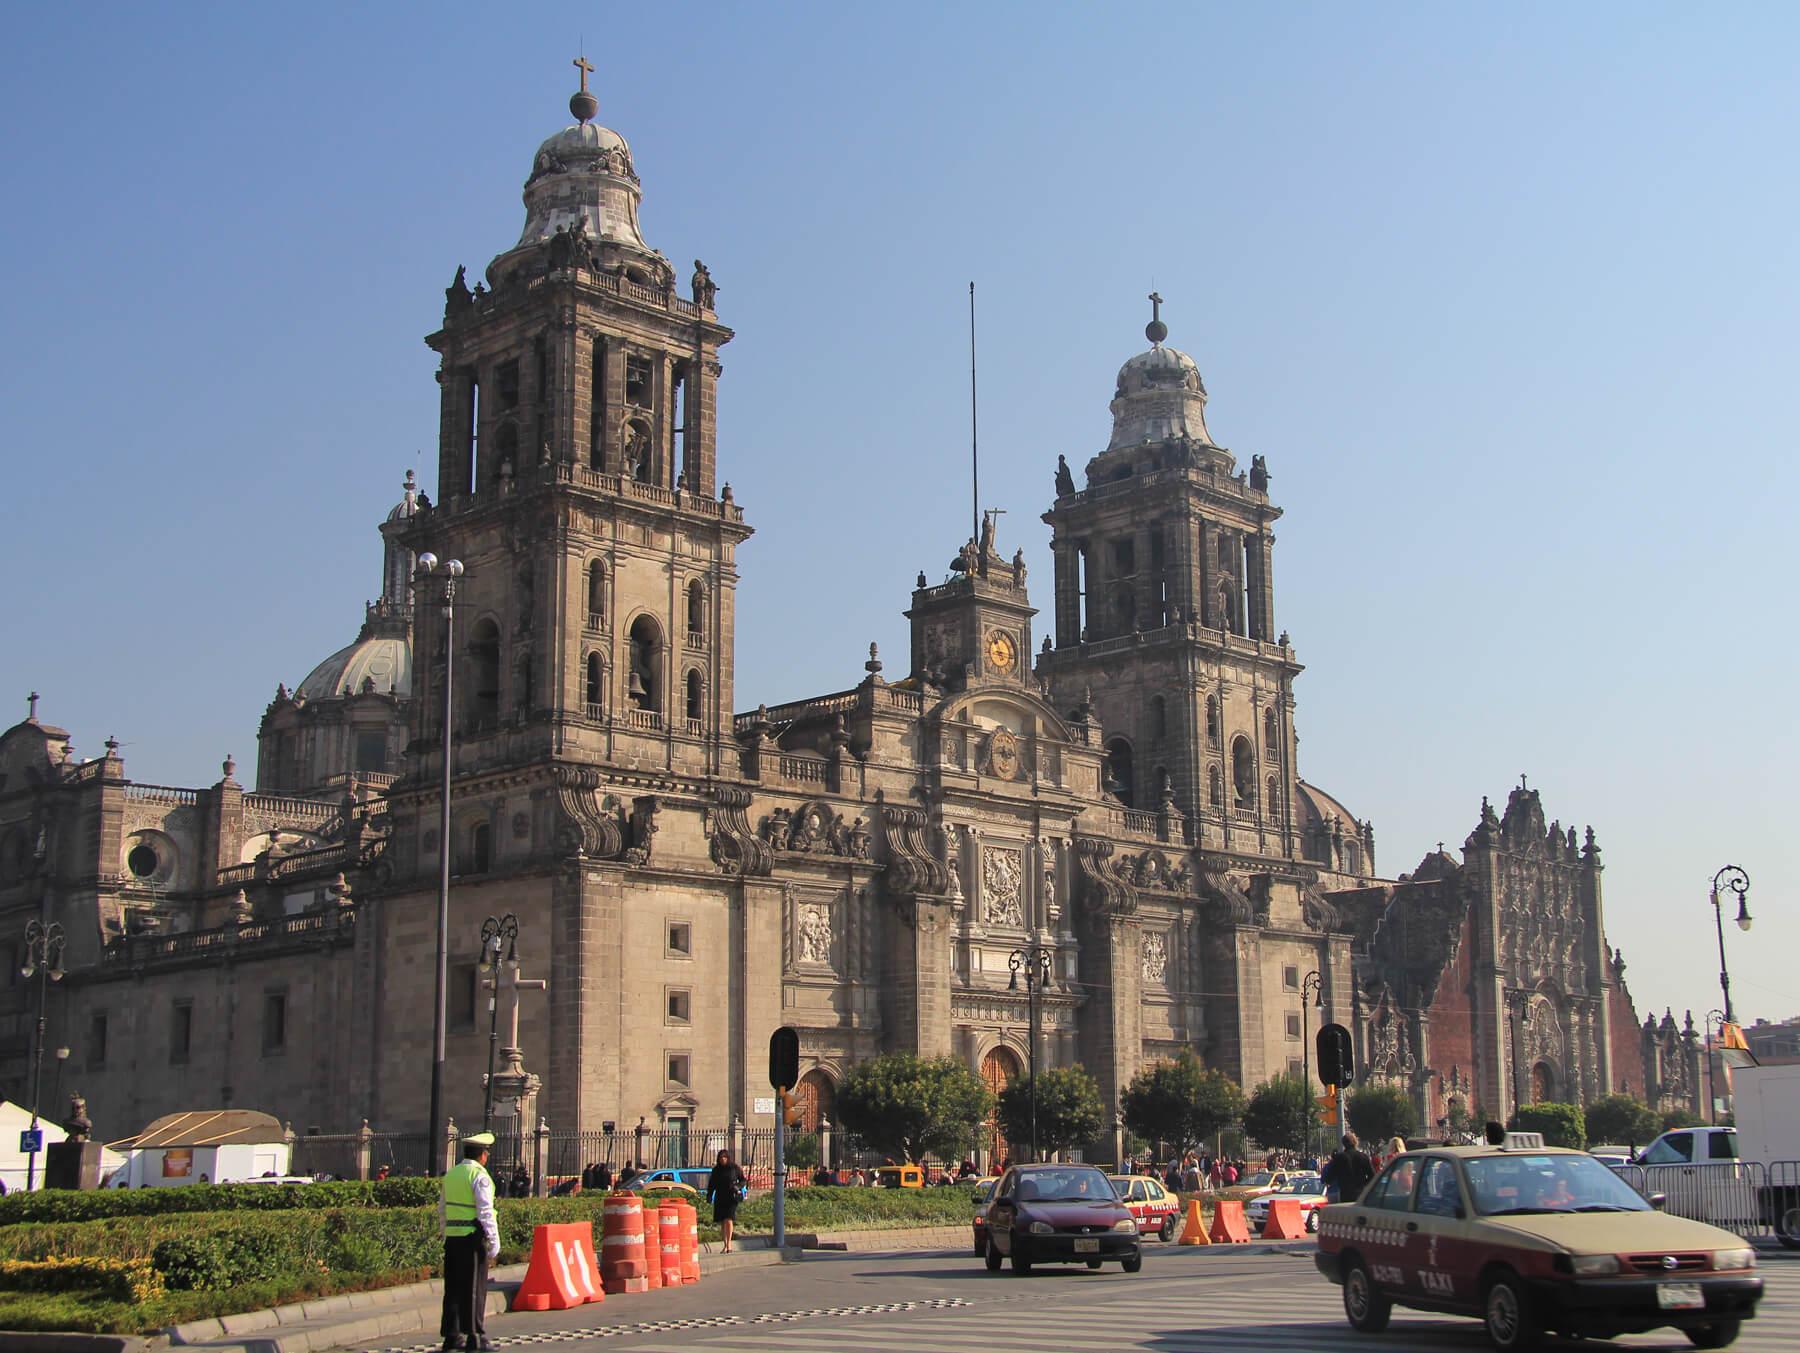 Fot. 9. Katedra w Mexico City zawiera w sobie 17 osobnych kaplic. Na jej wieżach zawieszono 25 dzwonów, sposród których największy waży o 2 t więcej niż dzwon Zygmunt.